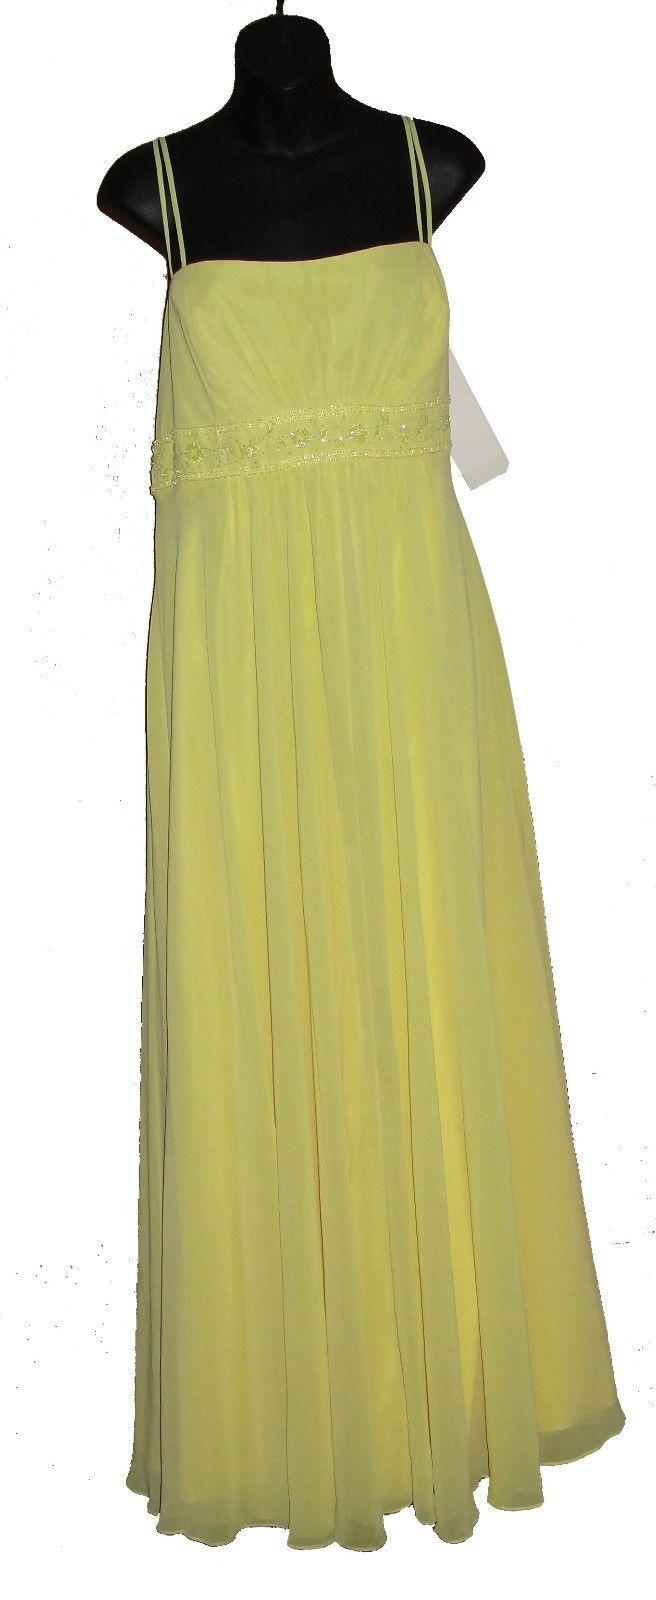 Davids Bridal F12495 Spaghetti Strap Chiffon Beaded Empire Sunbeam Yellow Sz 20